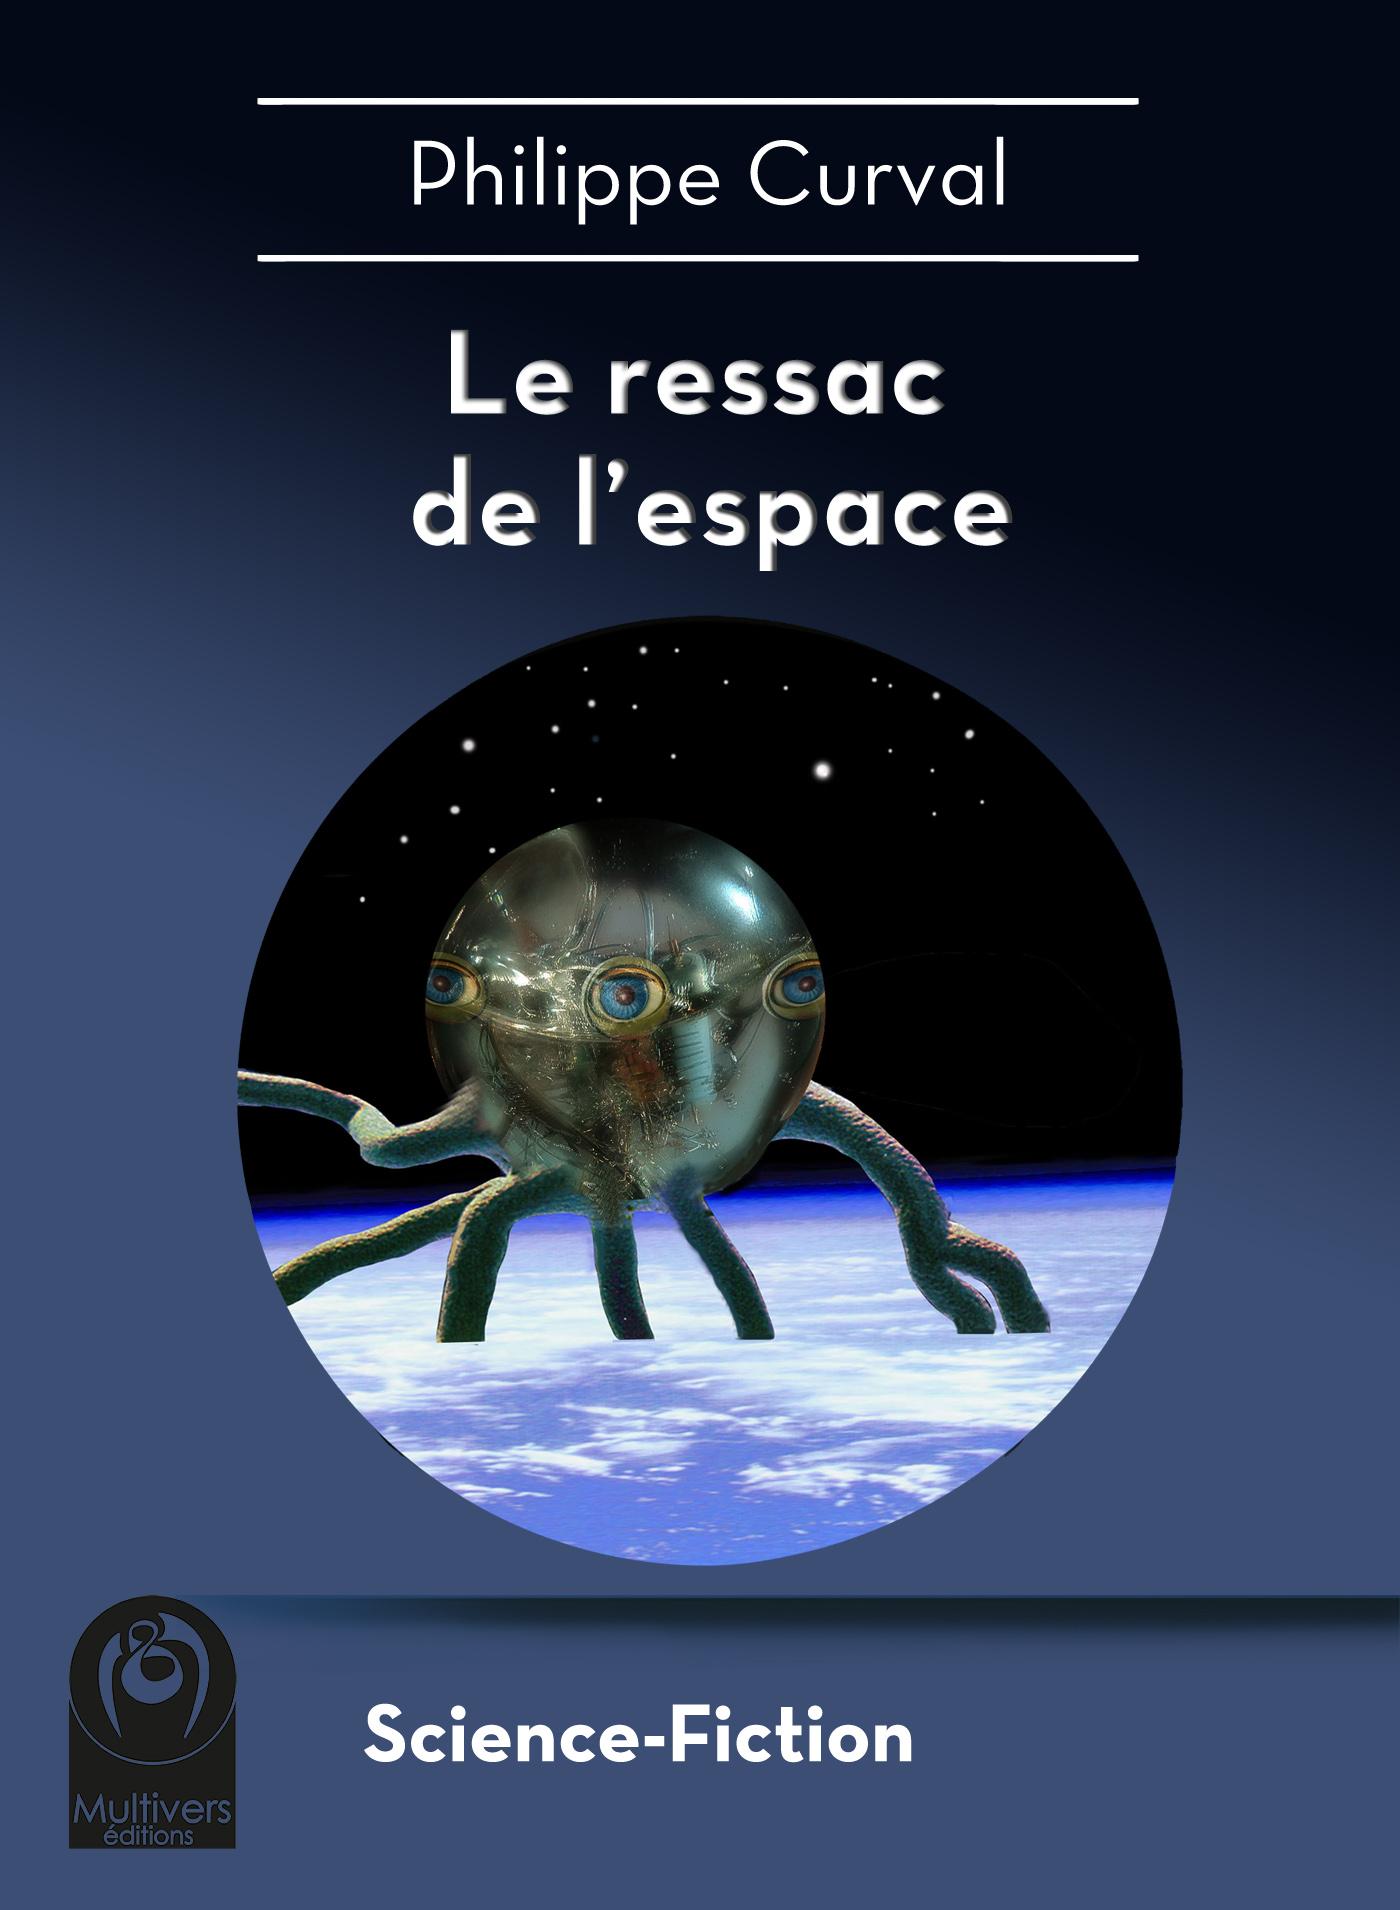 Le ressac de l'espace